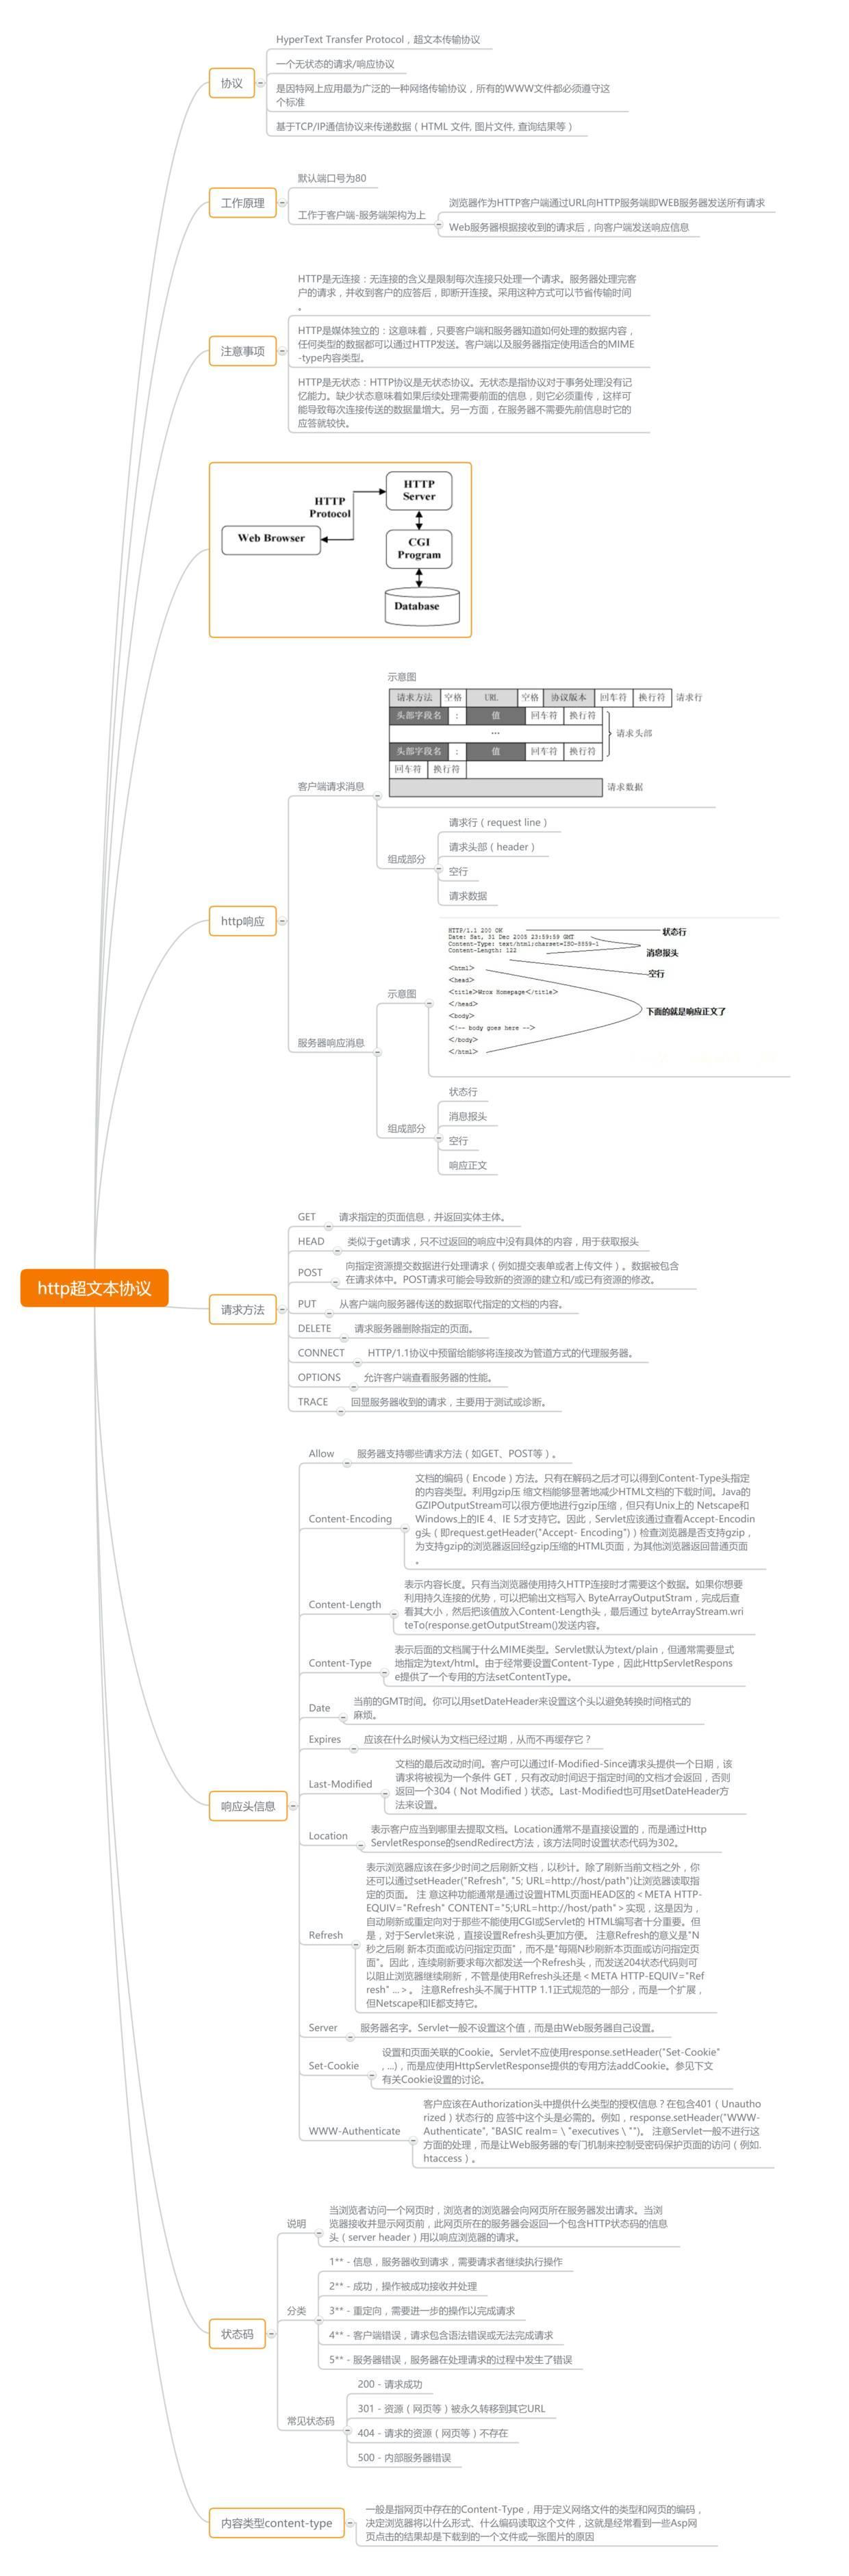 思维导图 | HTTP 超文本协议,让 HTTP 不再难懂